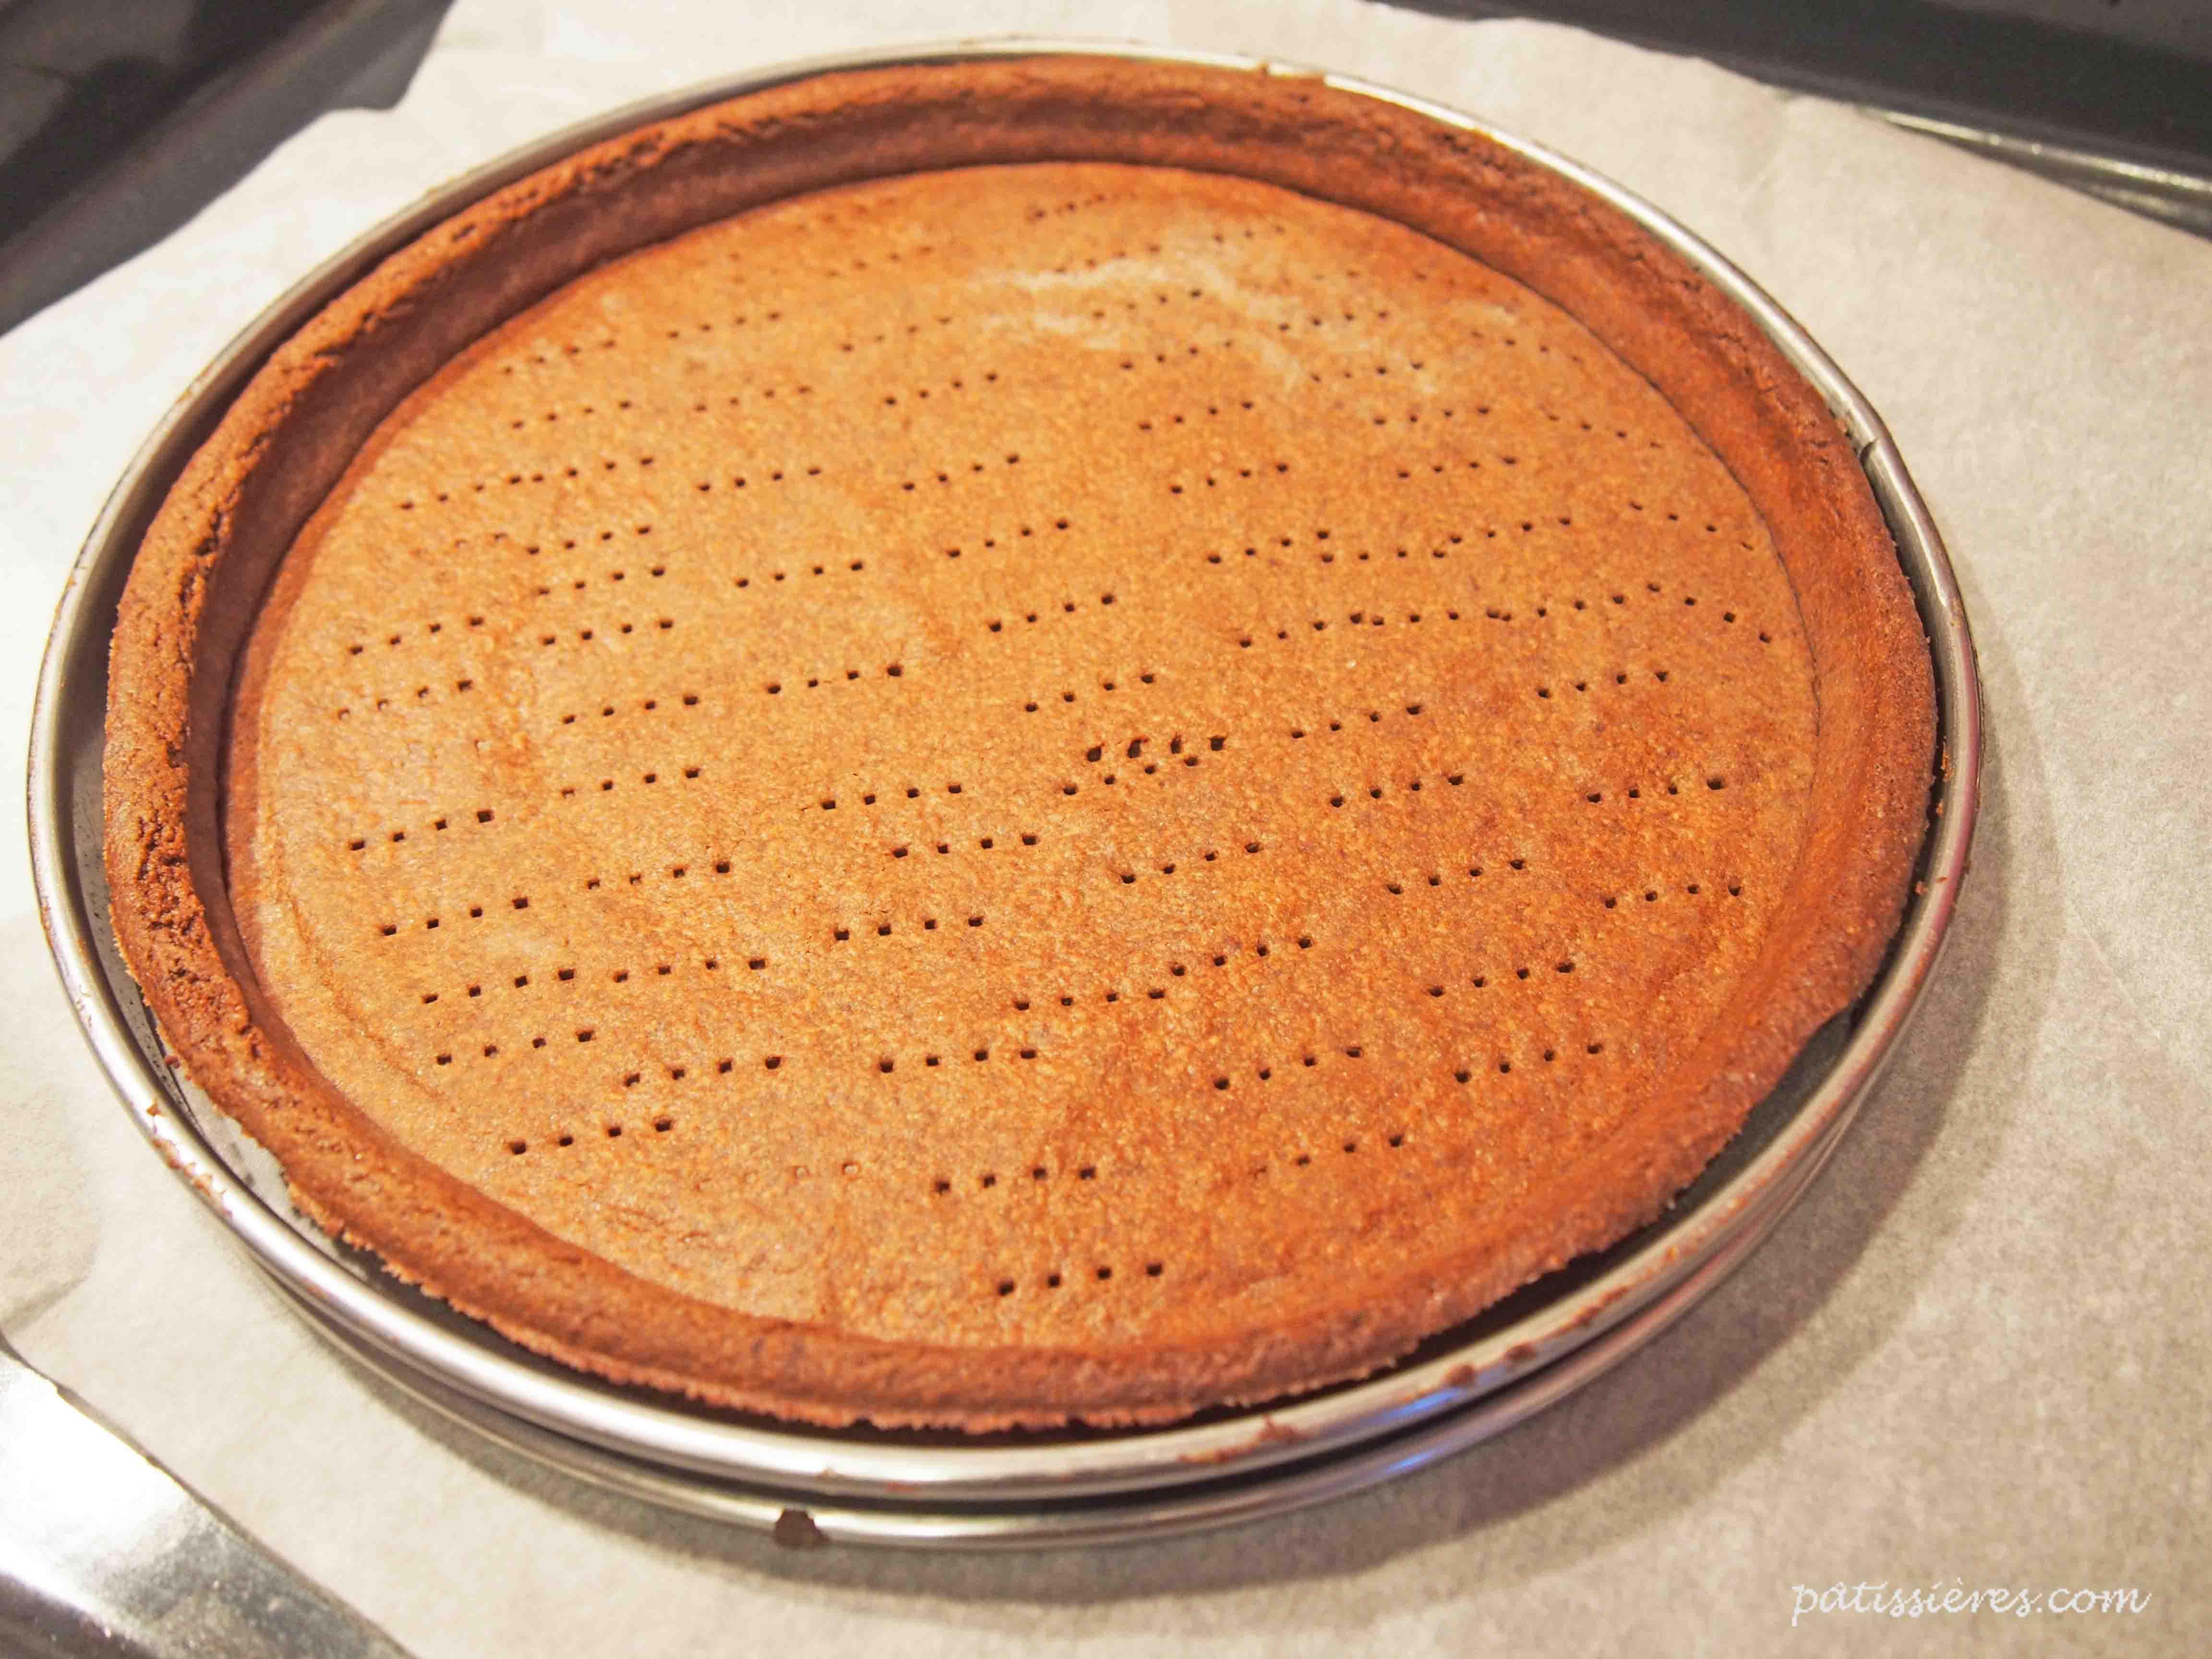 生地 作り方 タルト の 丸ごと!【桃タルト】【peach tarte】の作り方/パティシエが教えるお菓子作り!